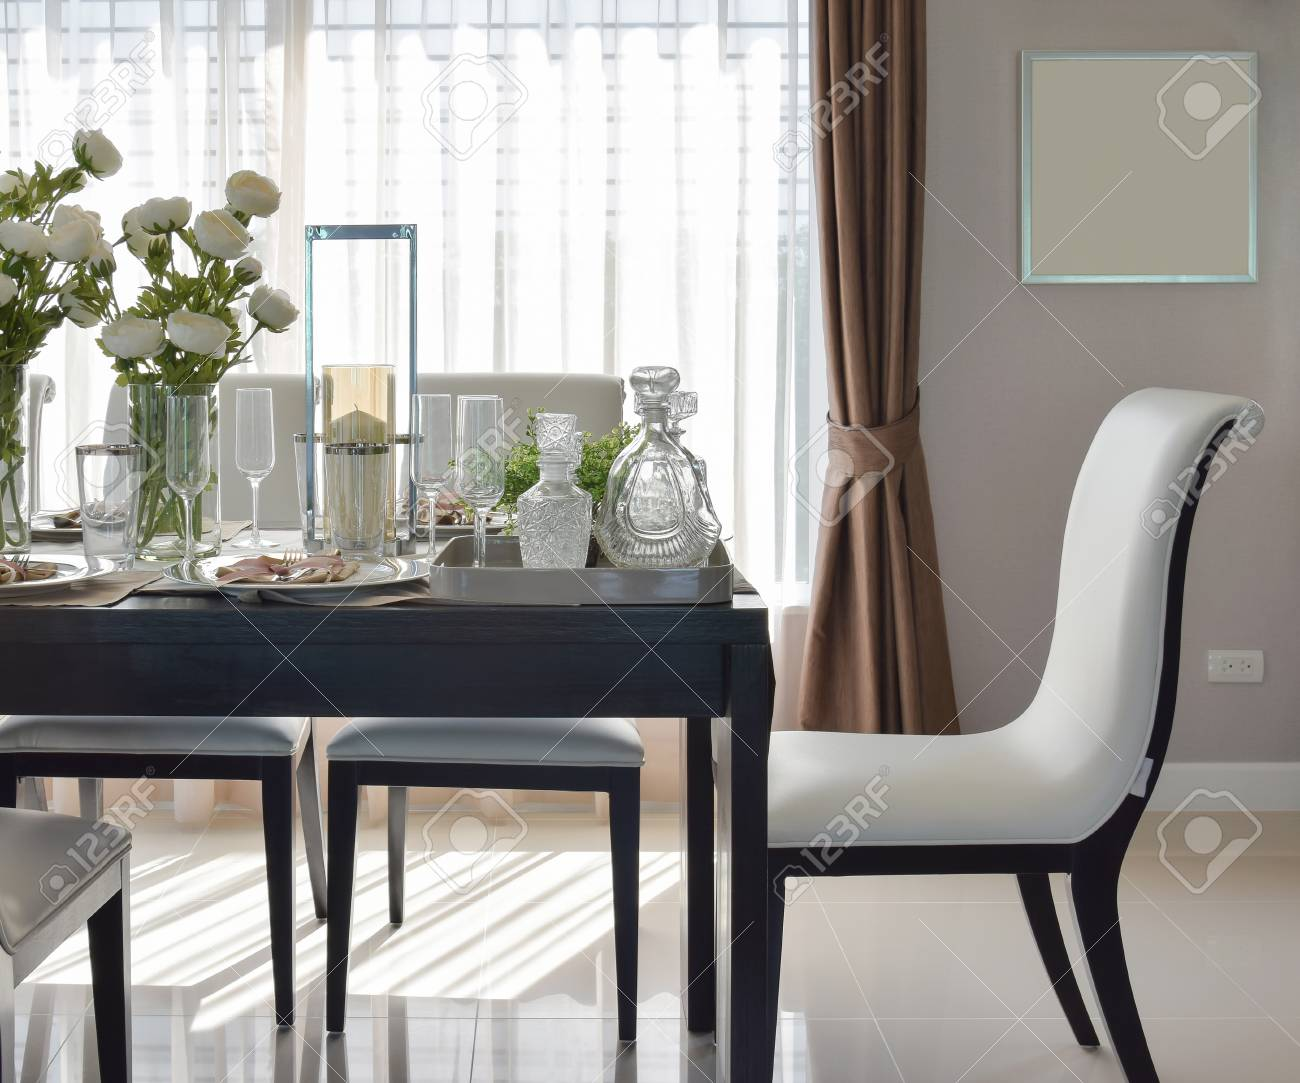 sillas de comedor modernas y elegantes